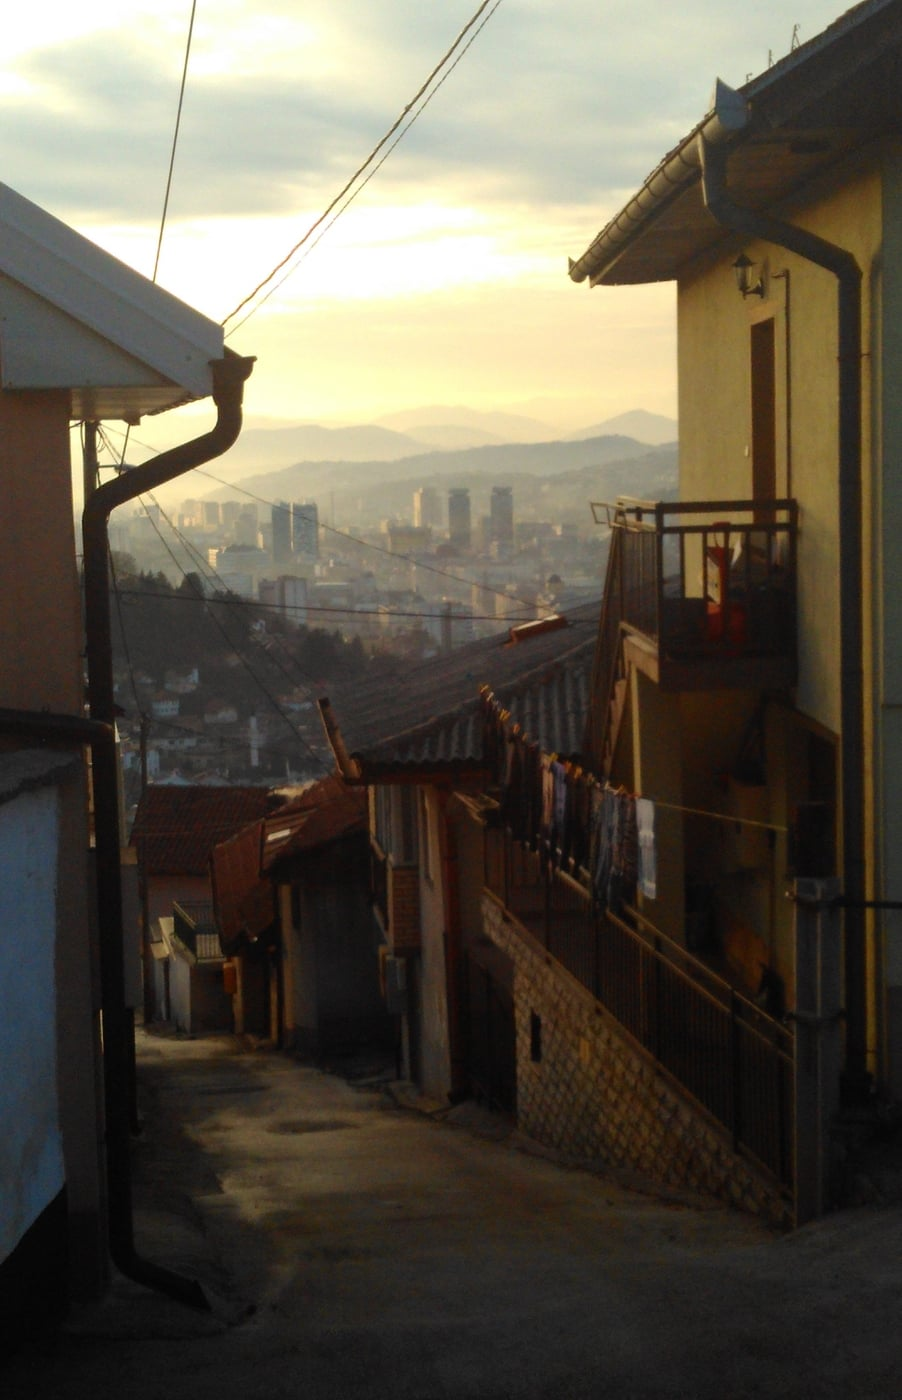 The walk to school in Sarajevo